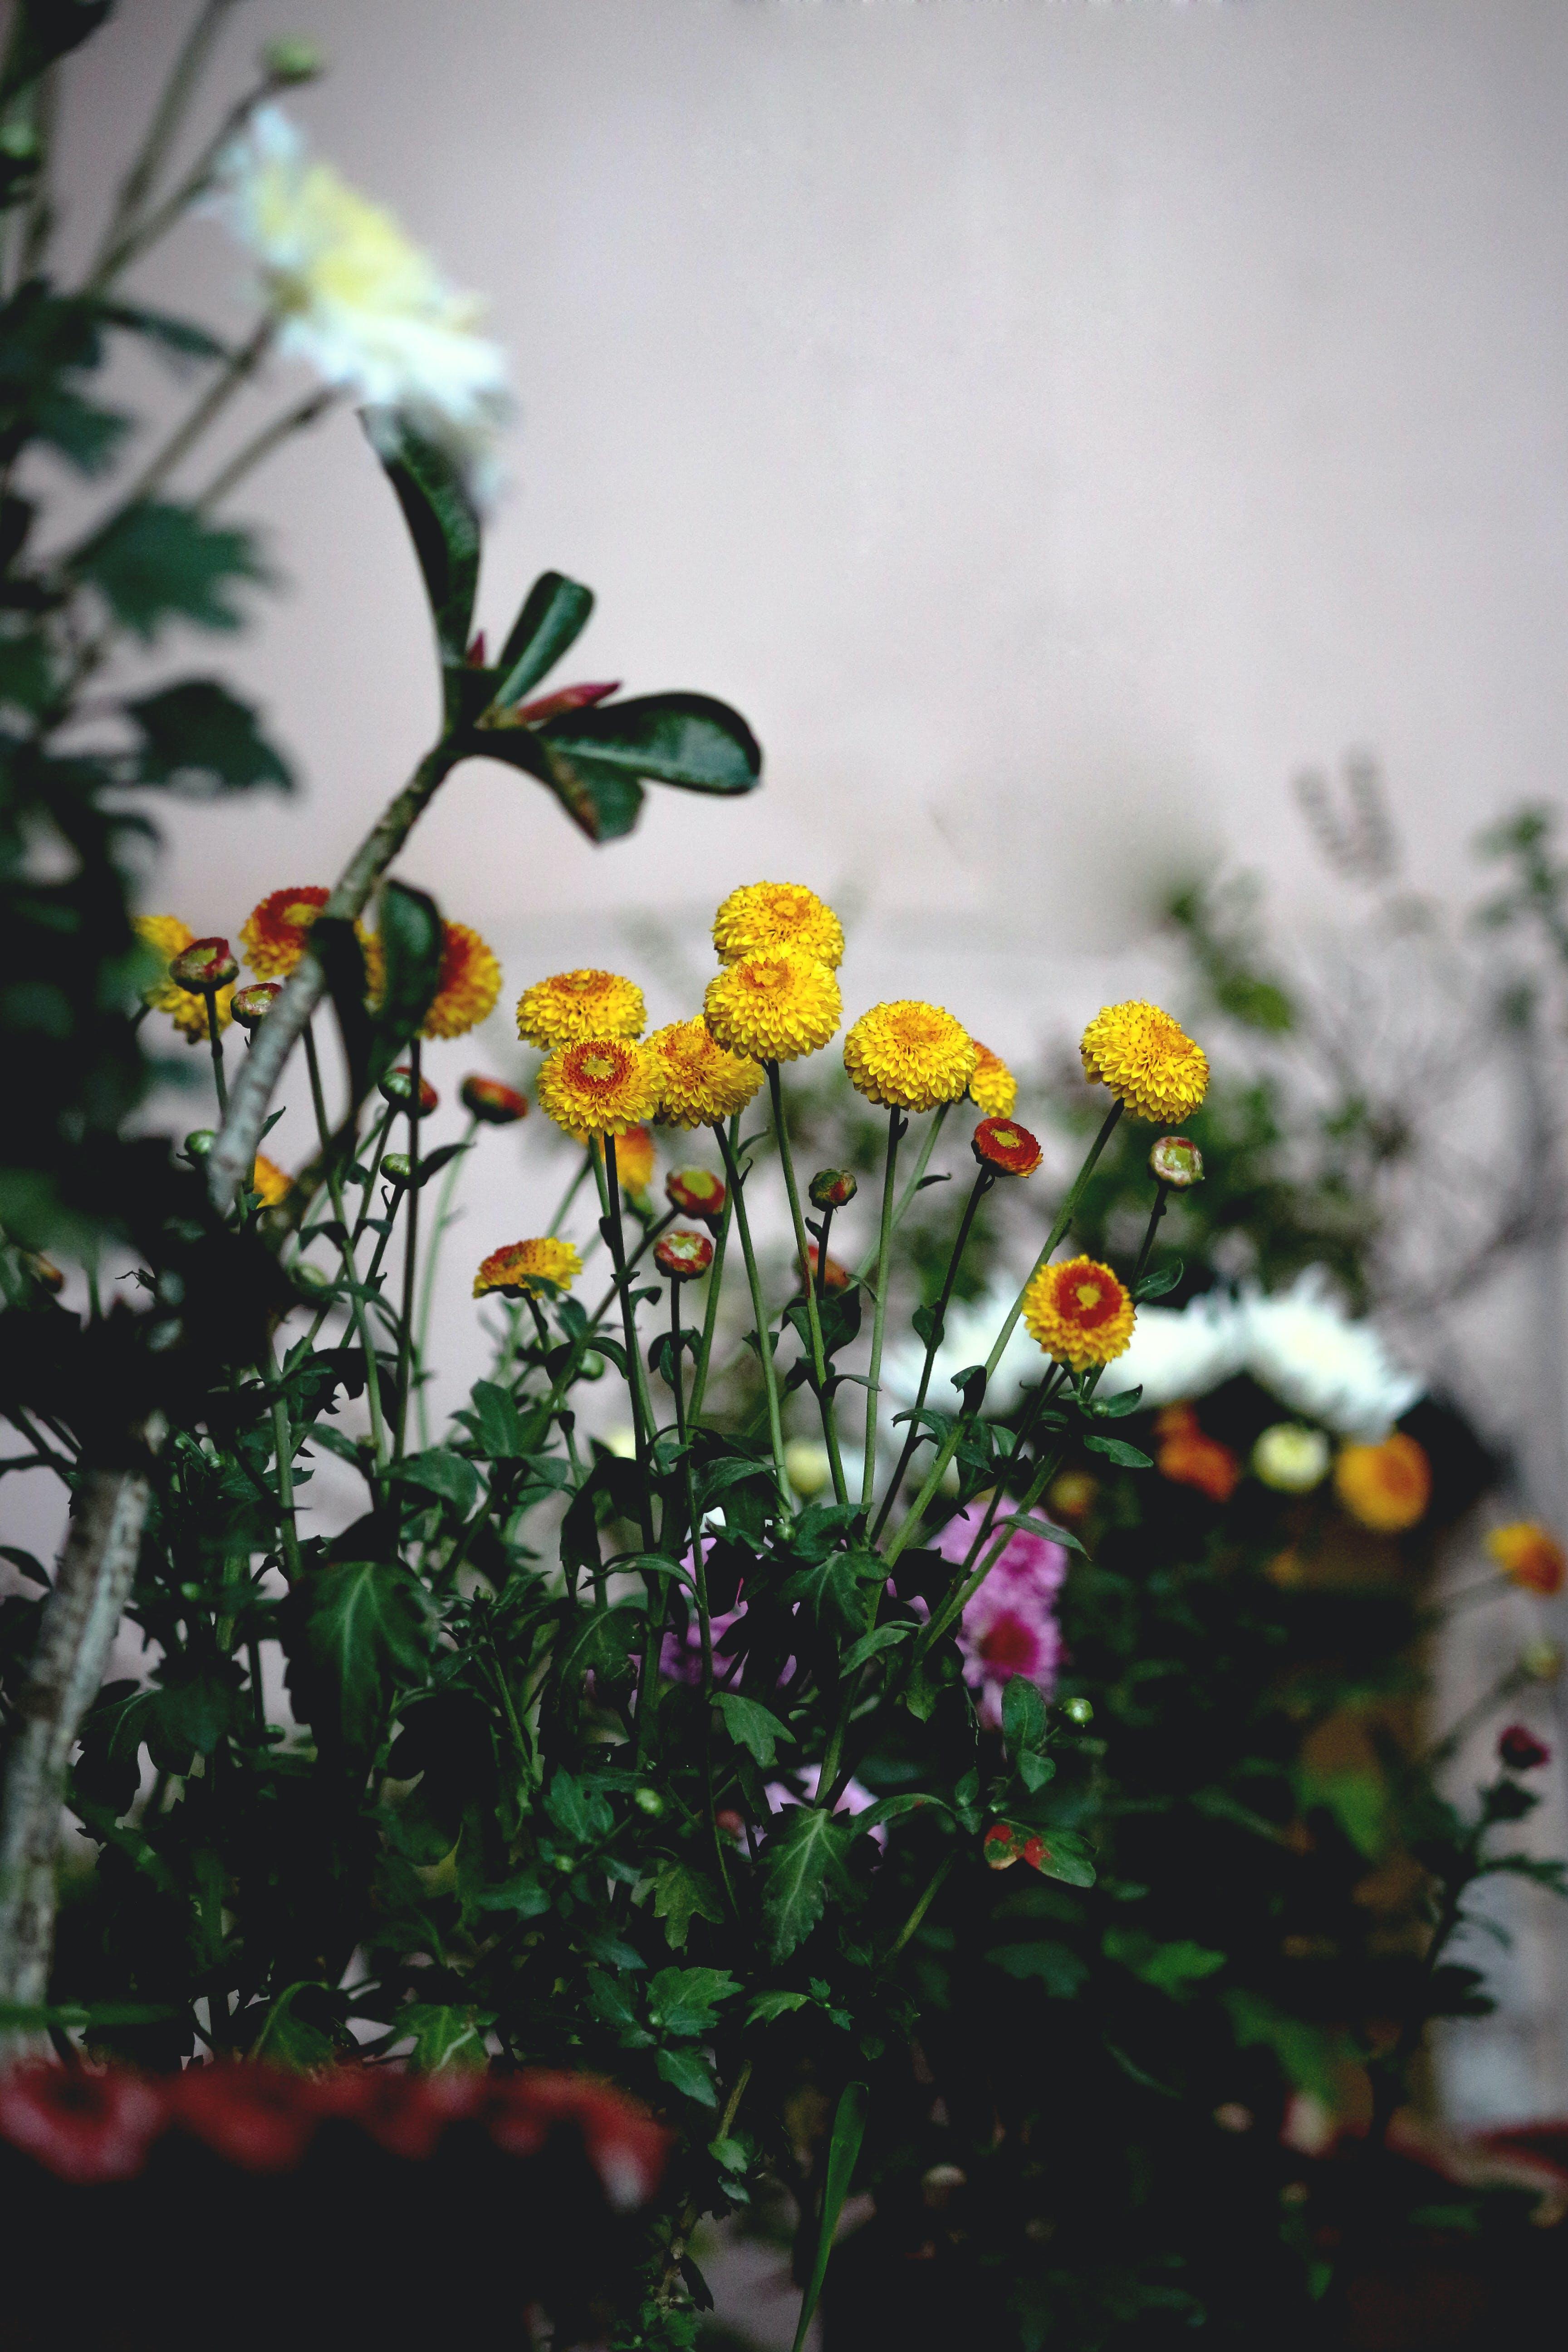 Δωρεάν στοκ φωτογραφιών με ανάπτυξη, ανθισμένος, άνθος, βάθος πεδίου